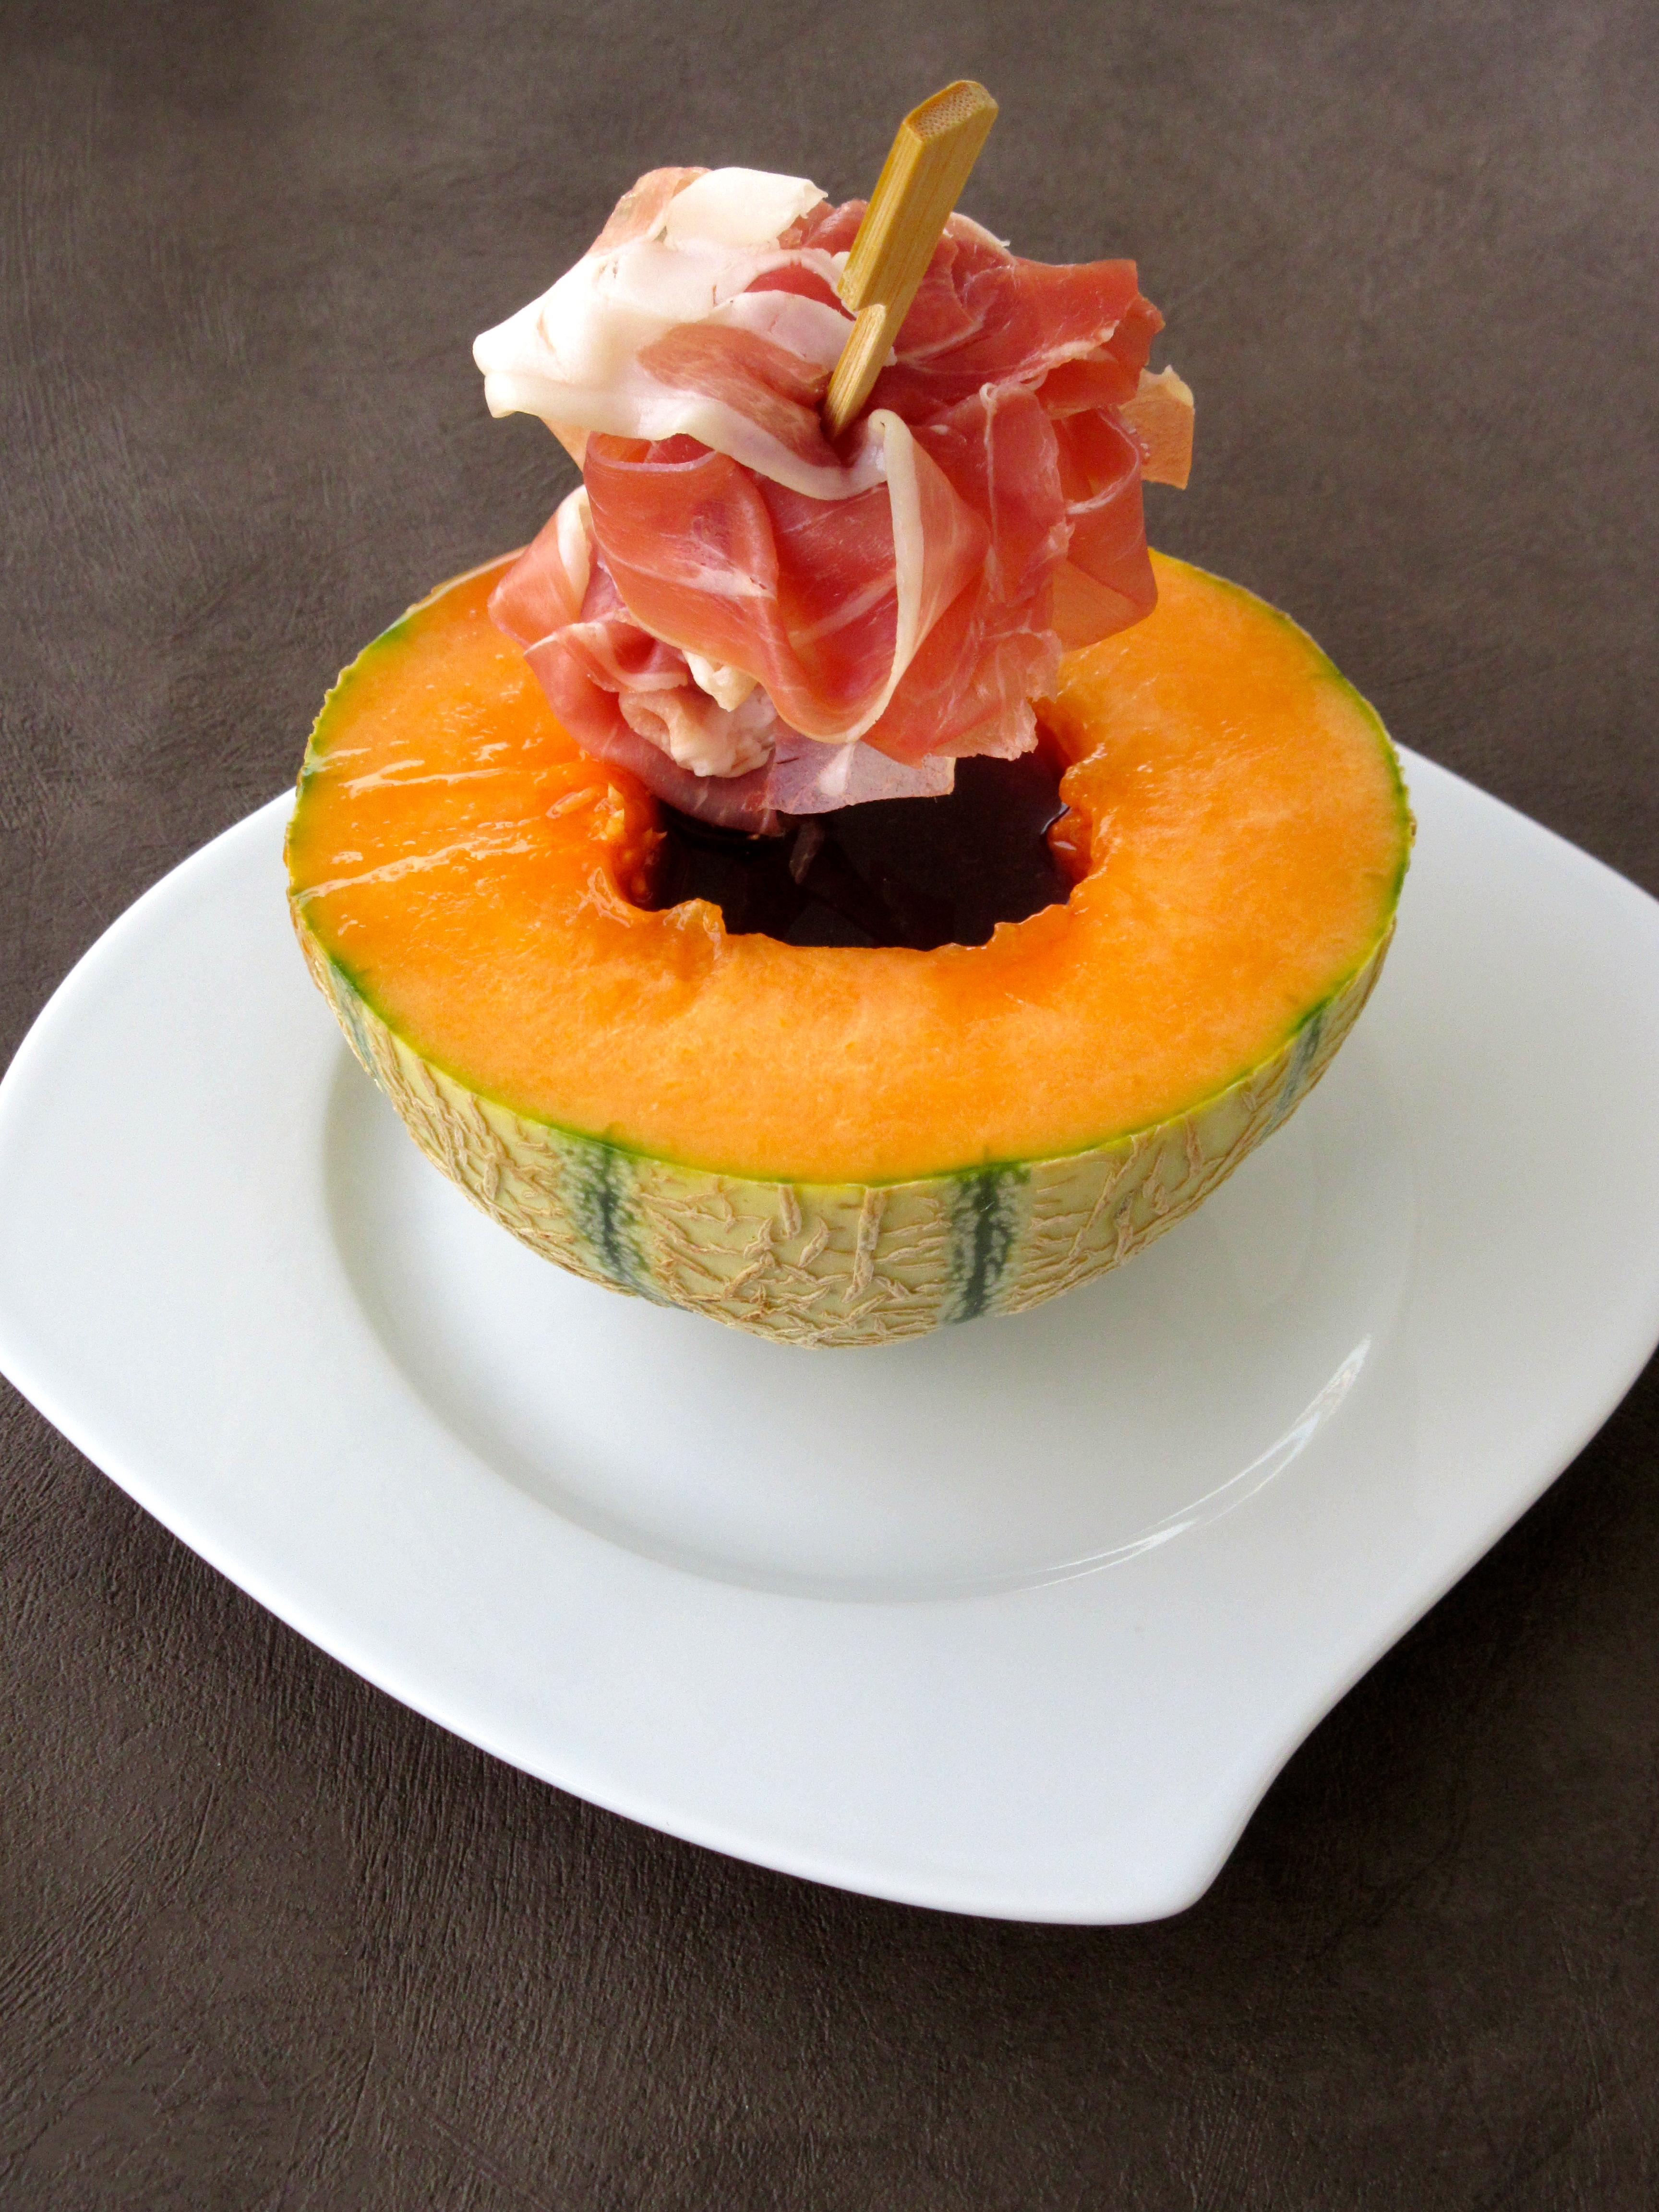 Melon au porto partager diet d lices recettes for Entree froide original